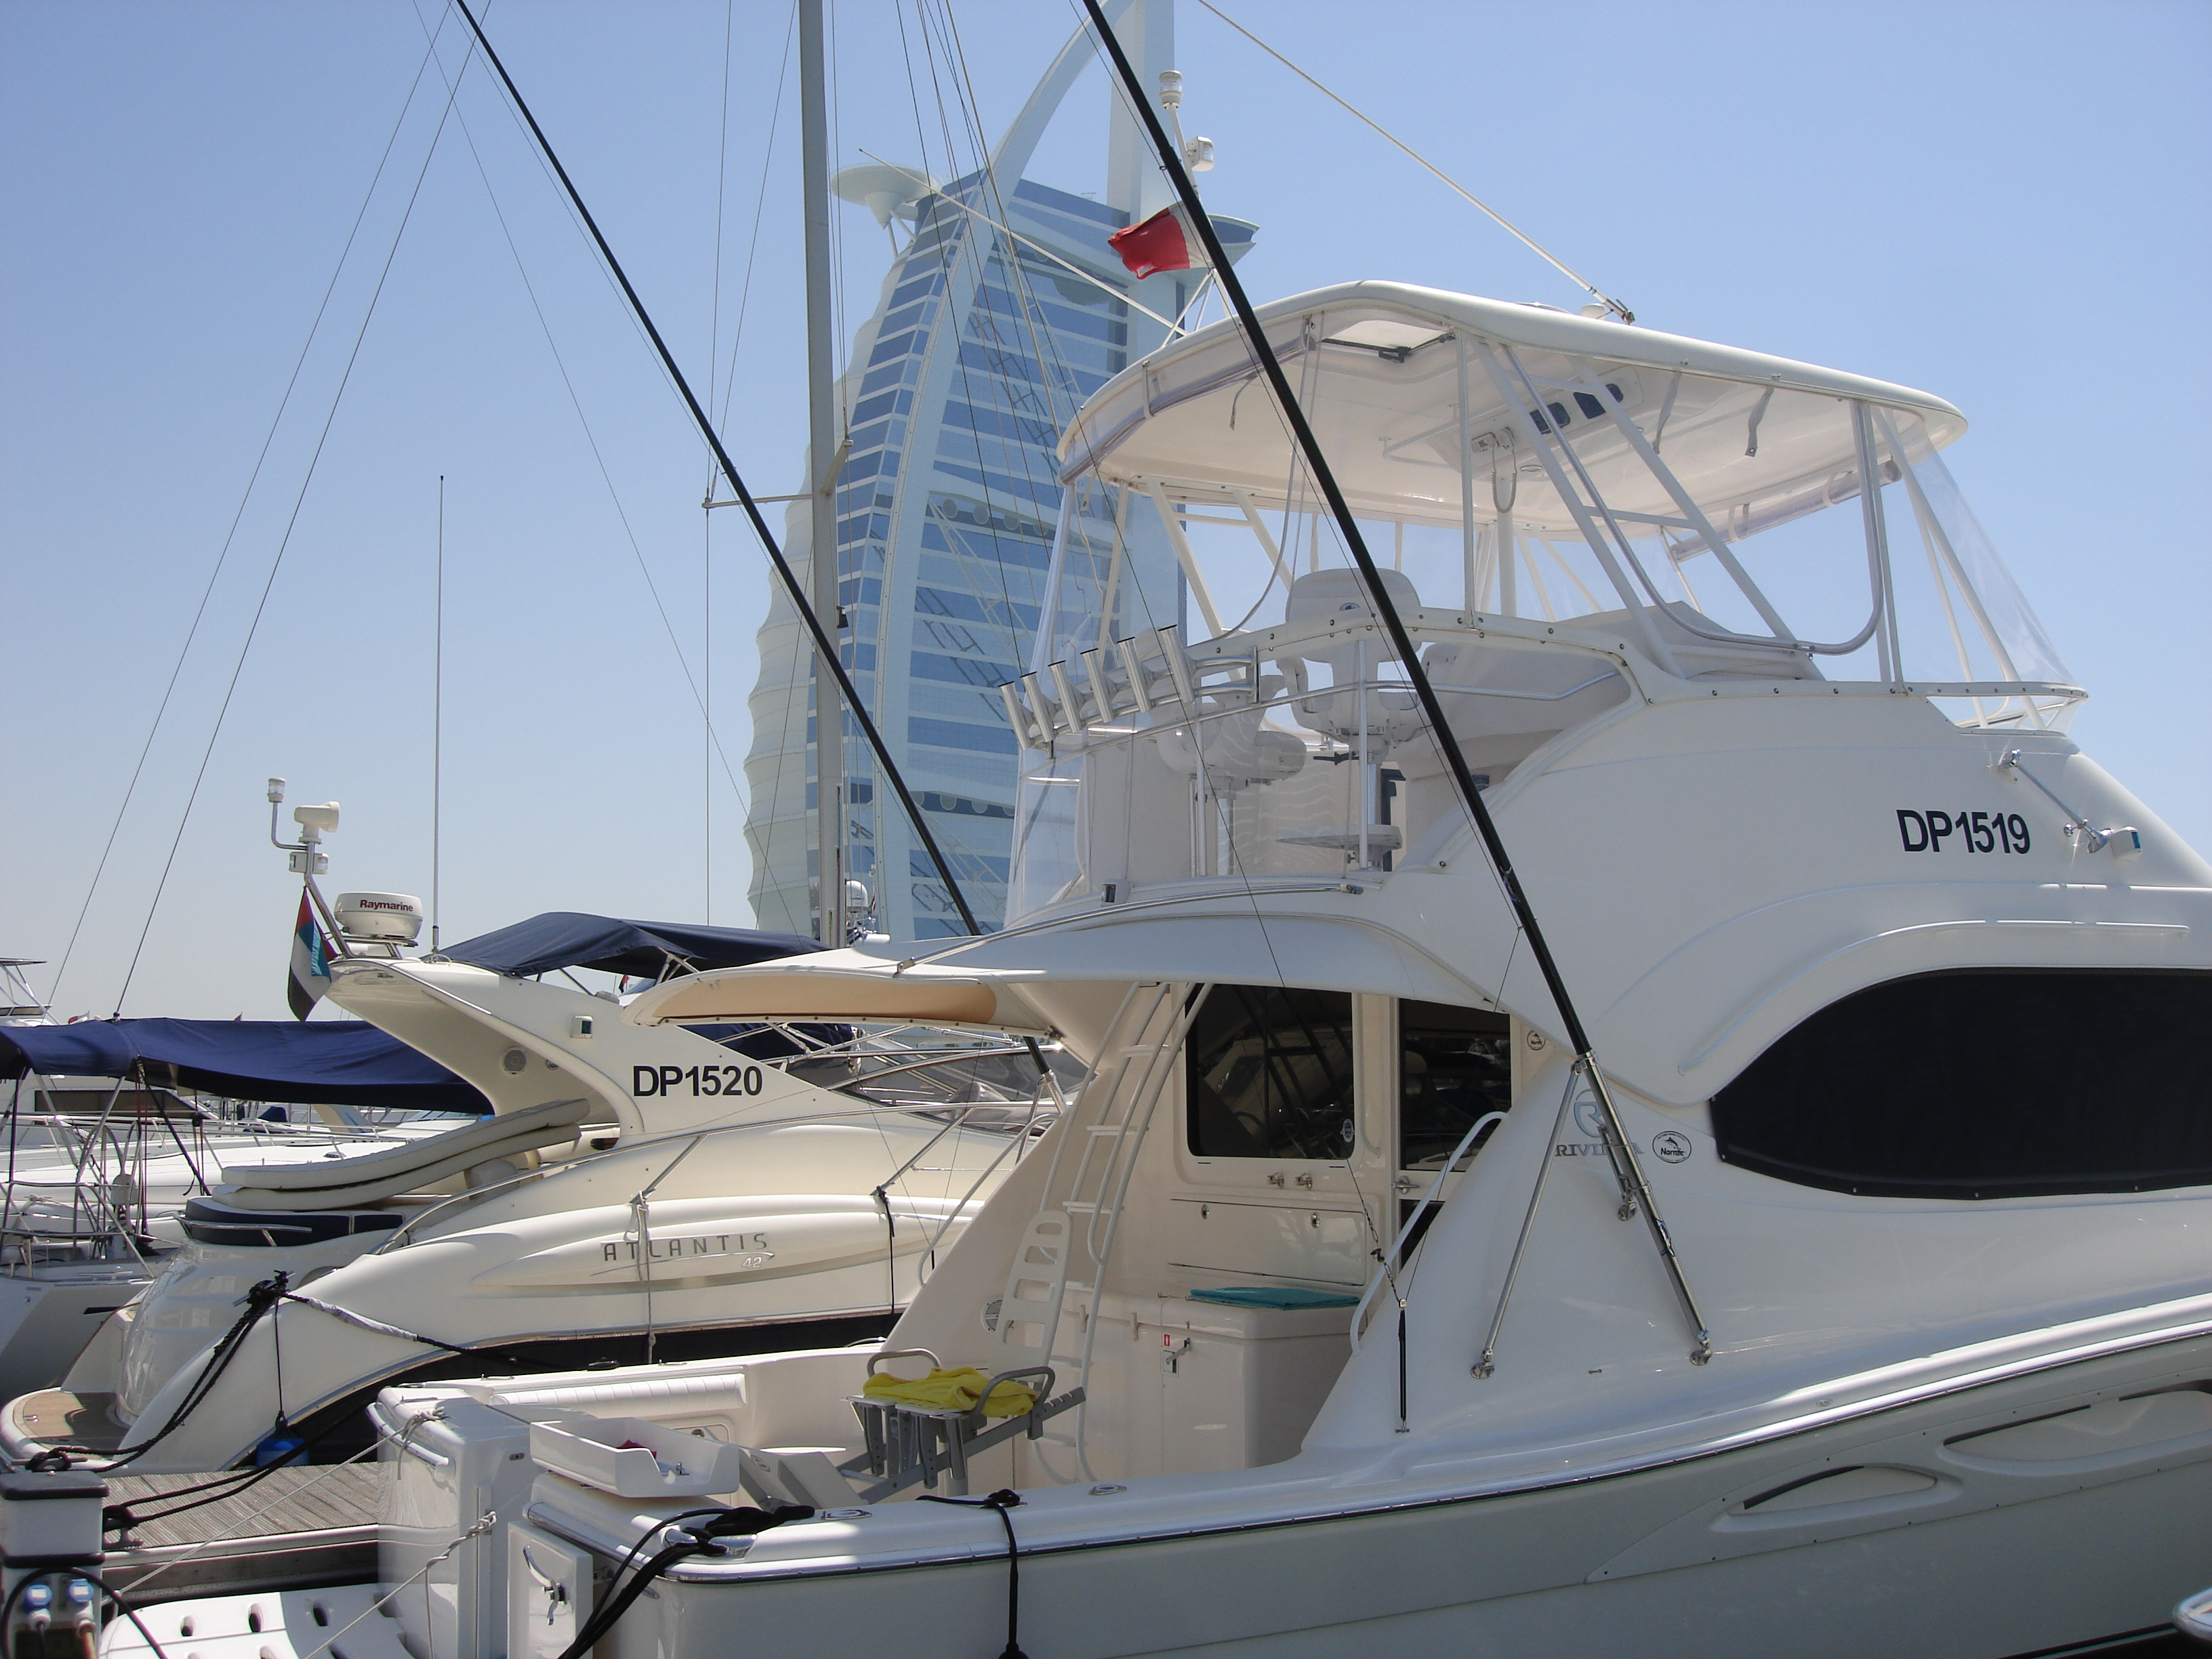 Yachts in the Dubai Marina